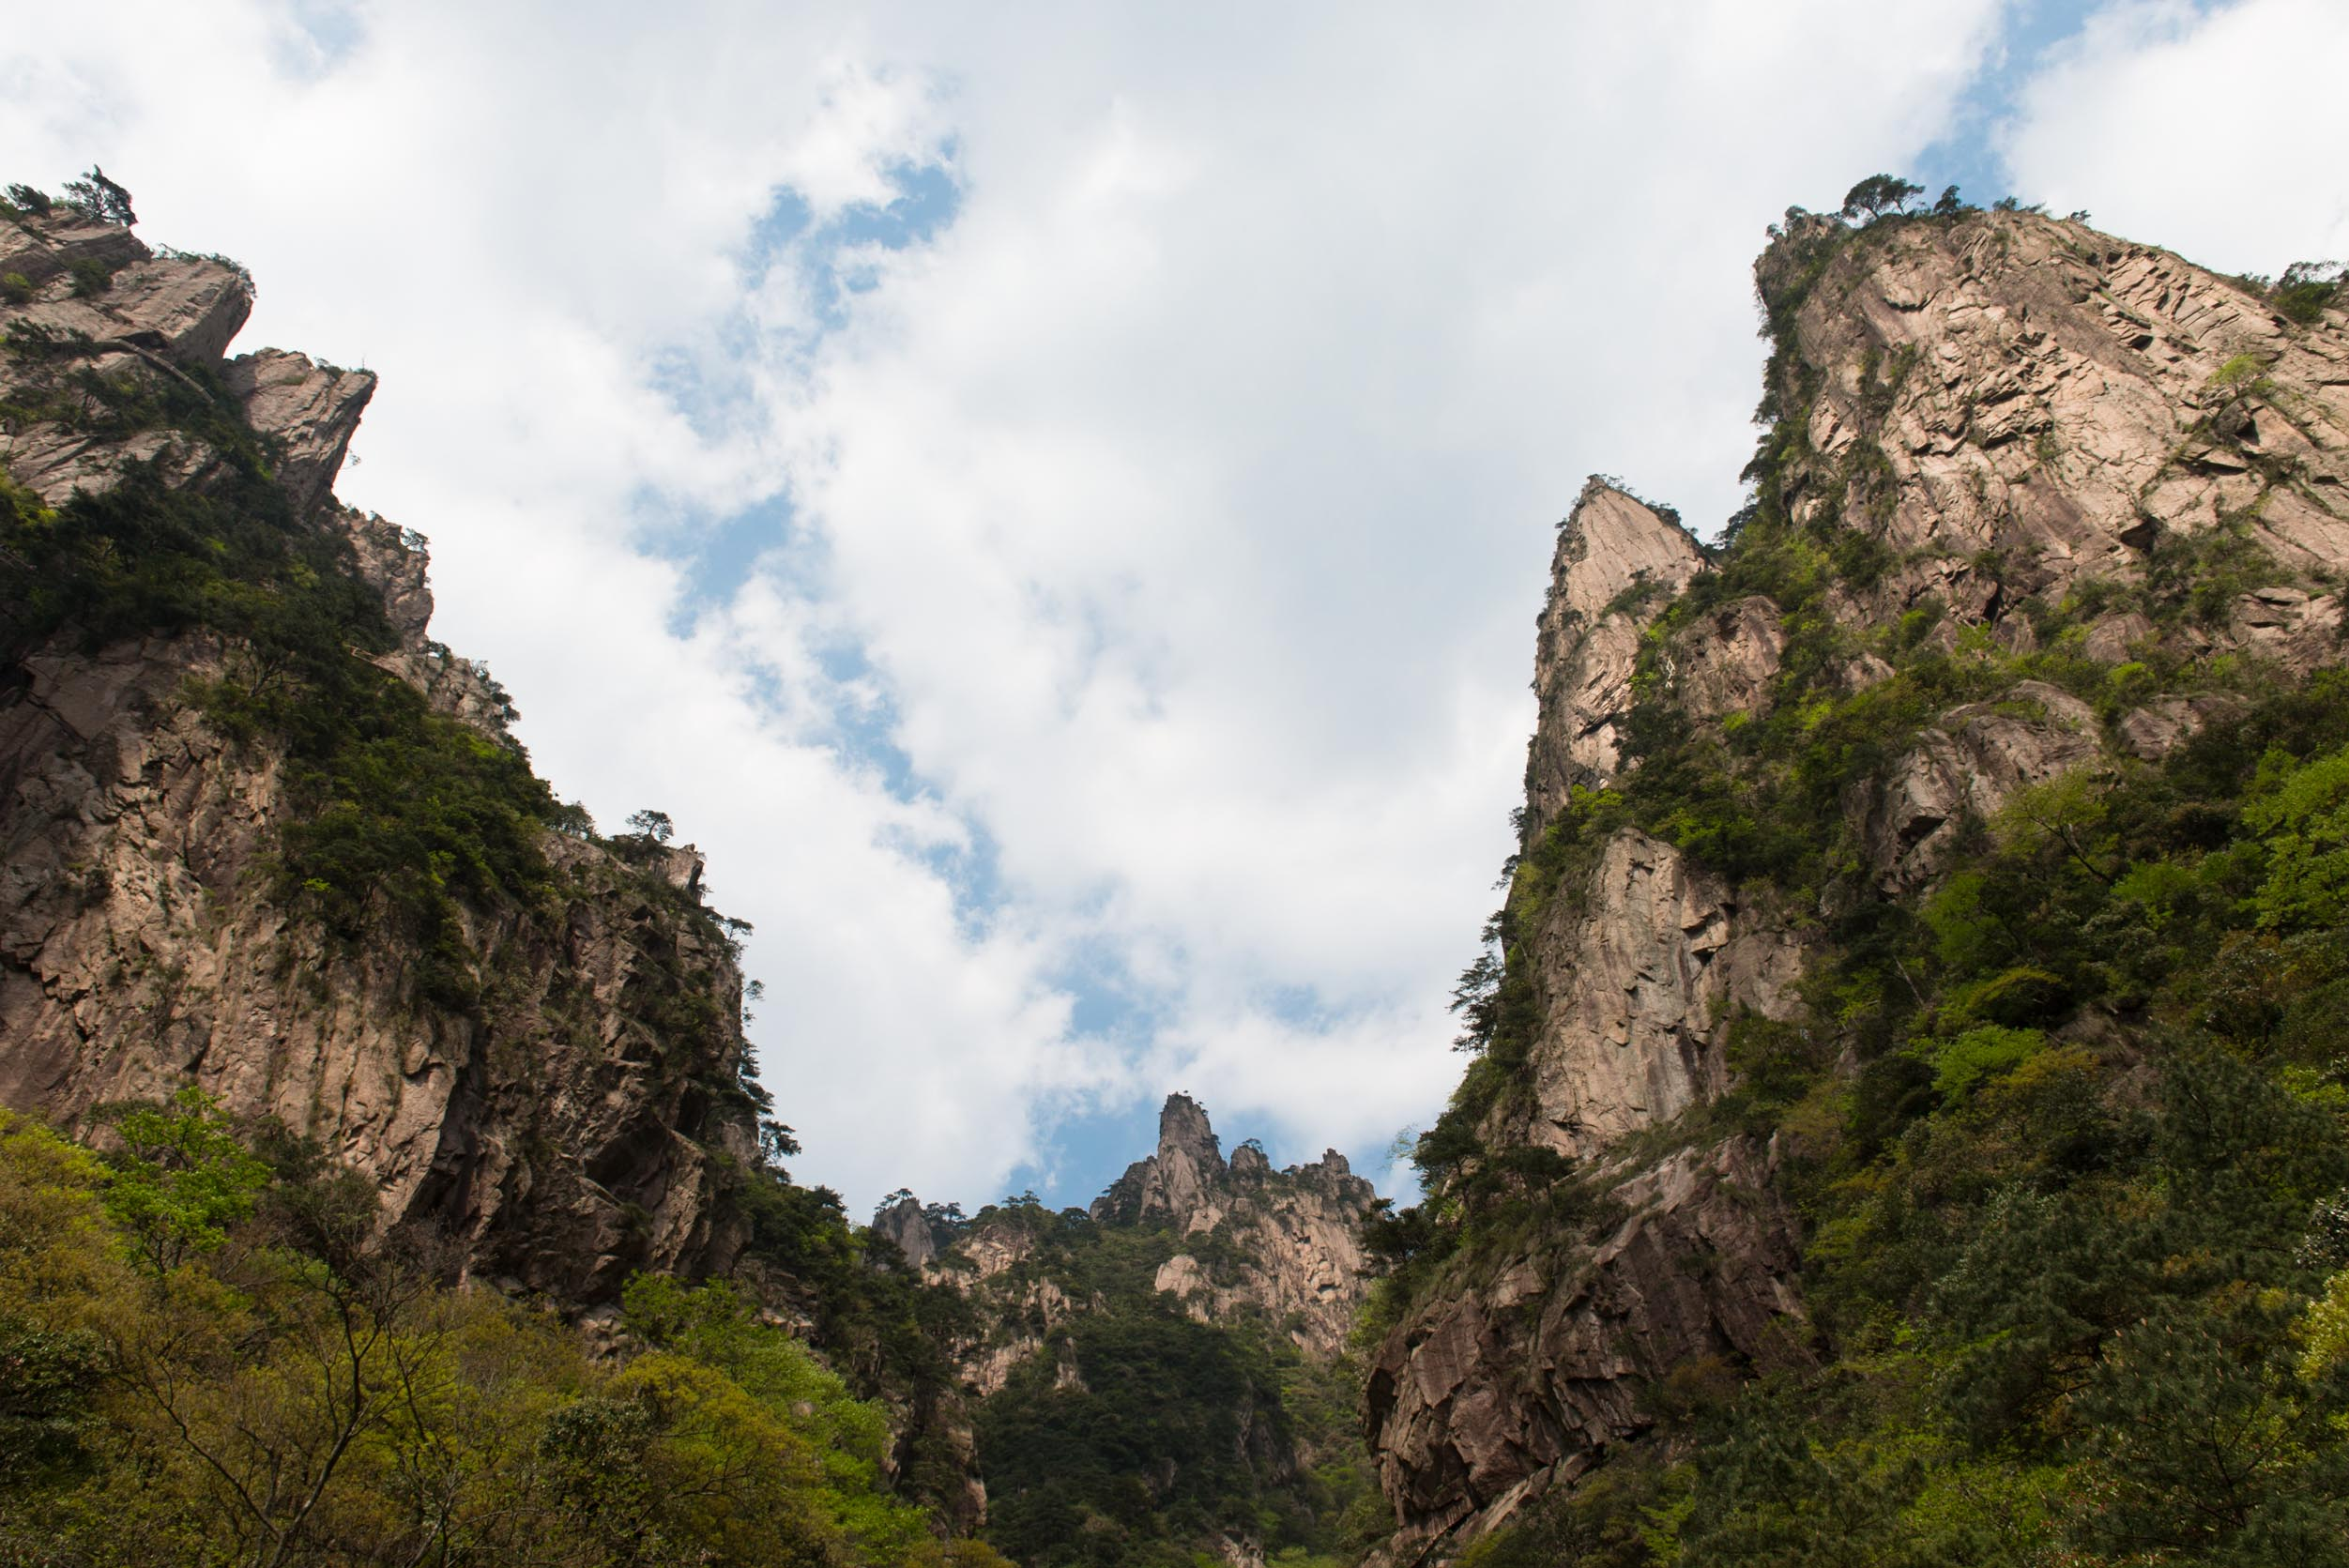 黄山_世界遺産 中国安徽省黄山